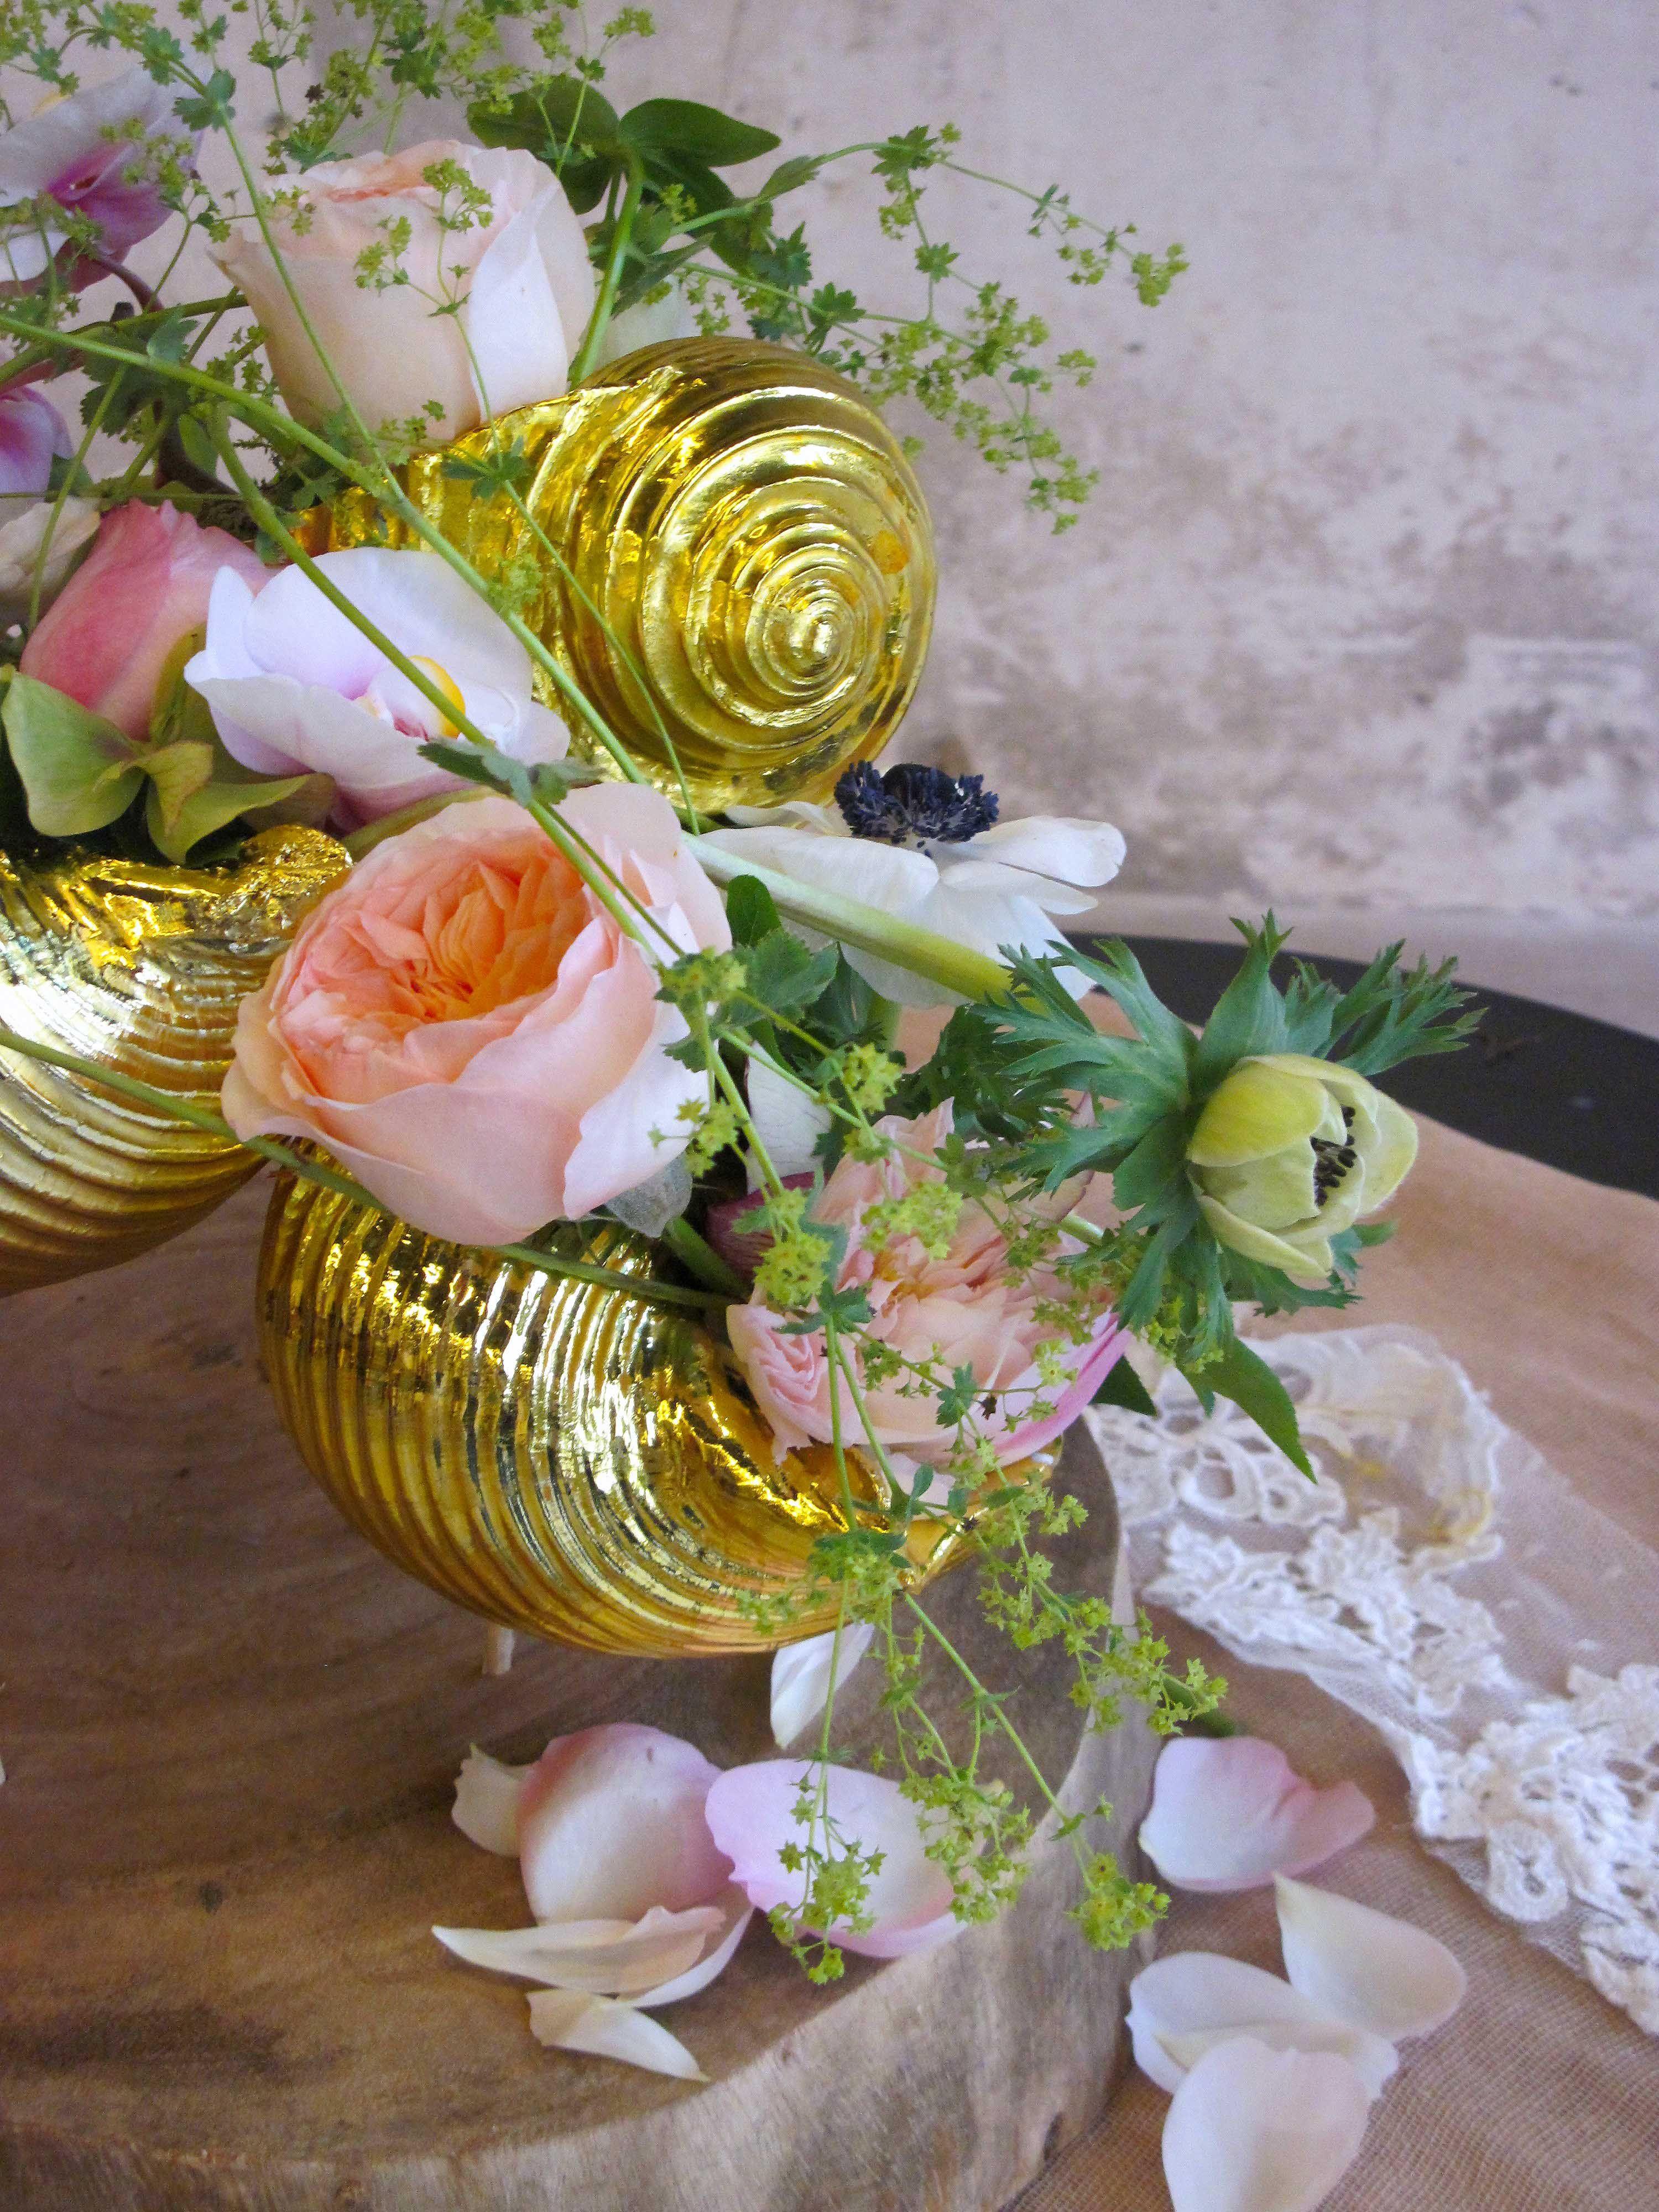 Bloom workshop floral art workshop seminar athens floral art bloom workshop floral art workshop seminar athens floral art table decorationswedding junglespirit Image collections